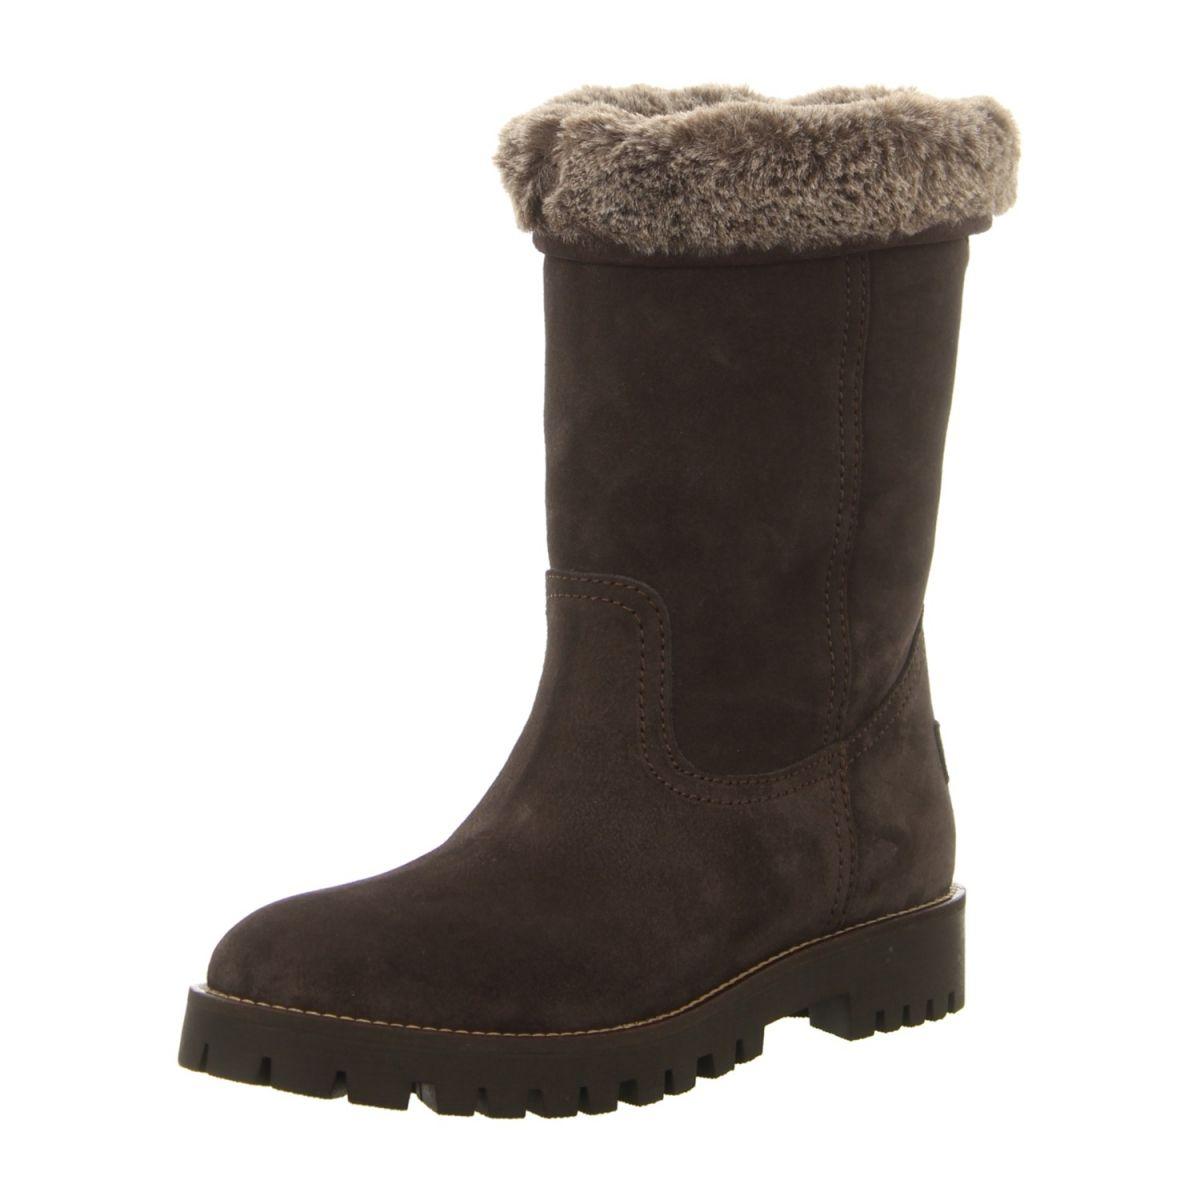 NEU: Alpe Stiefel Nowria 34871116 antracita | Schuhe